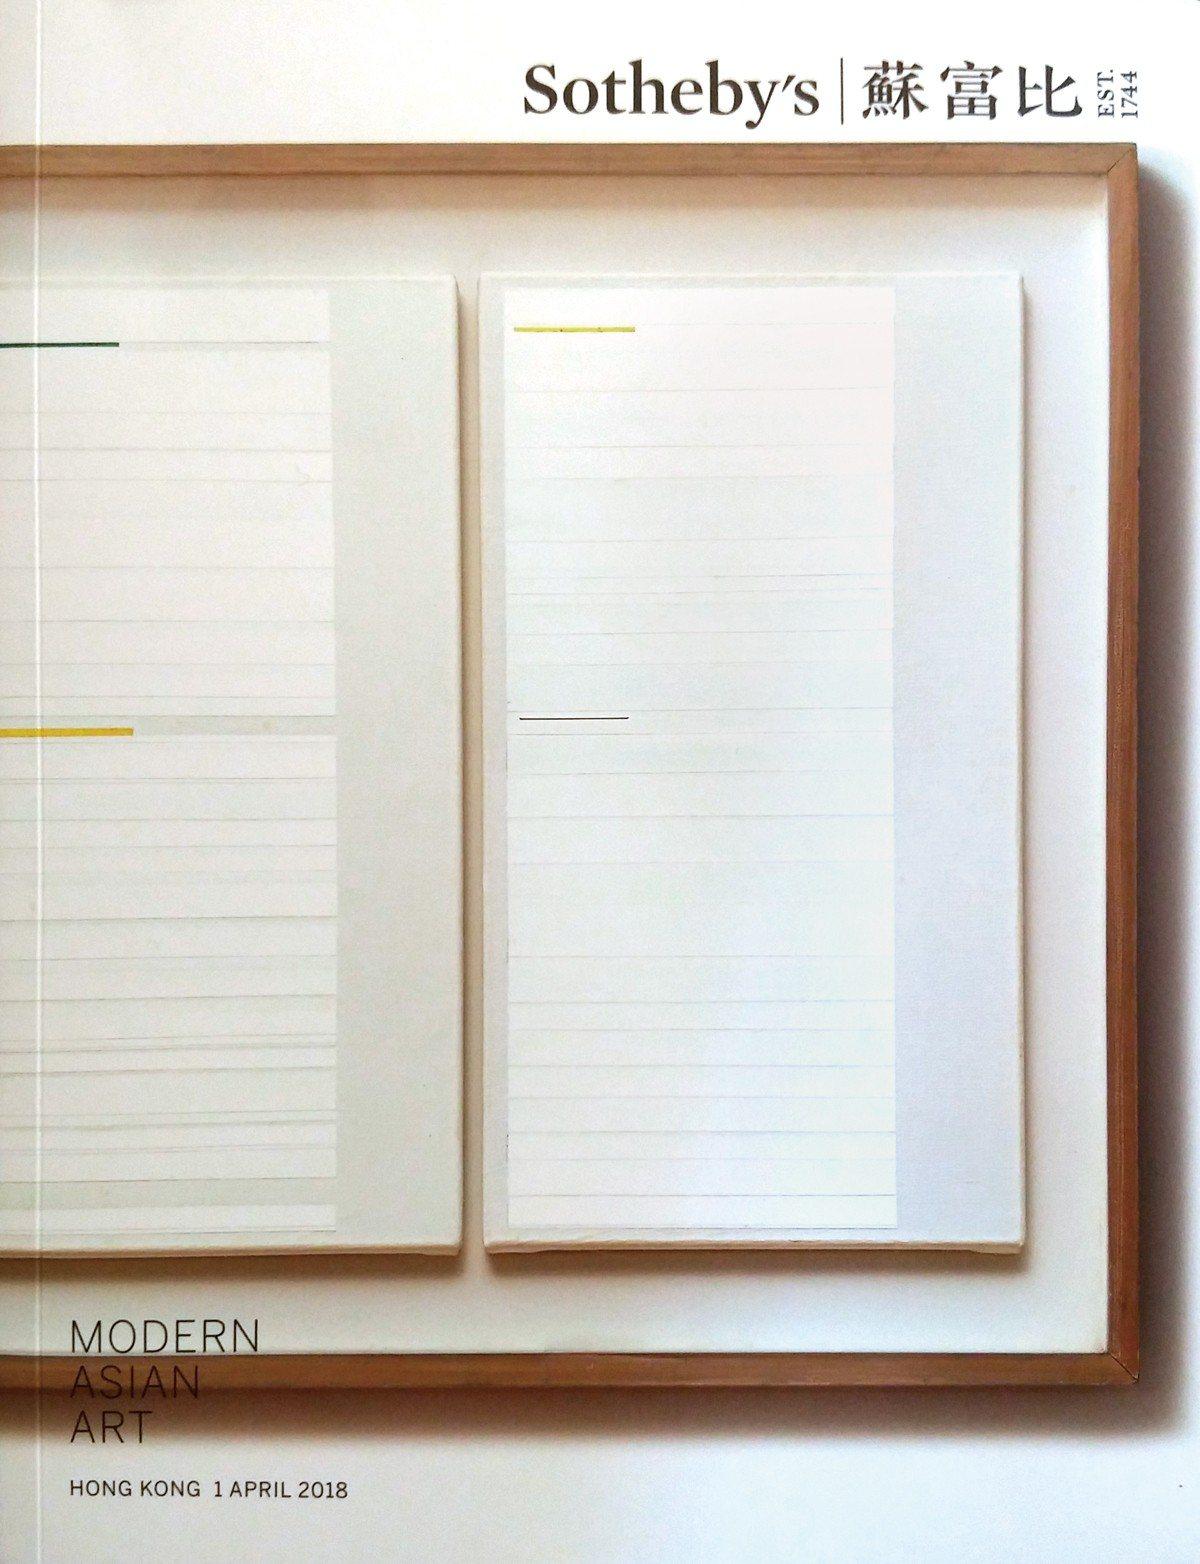 蘇富比香港2018春拍 現代亞洲藝術日拍圖錄封面